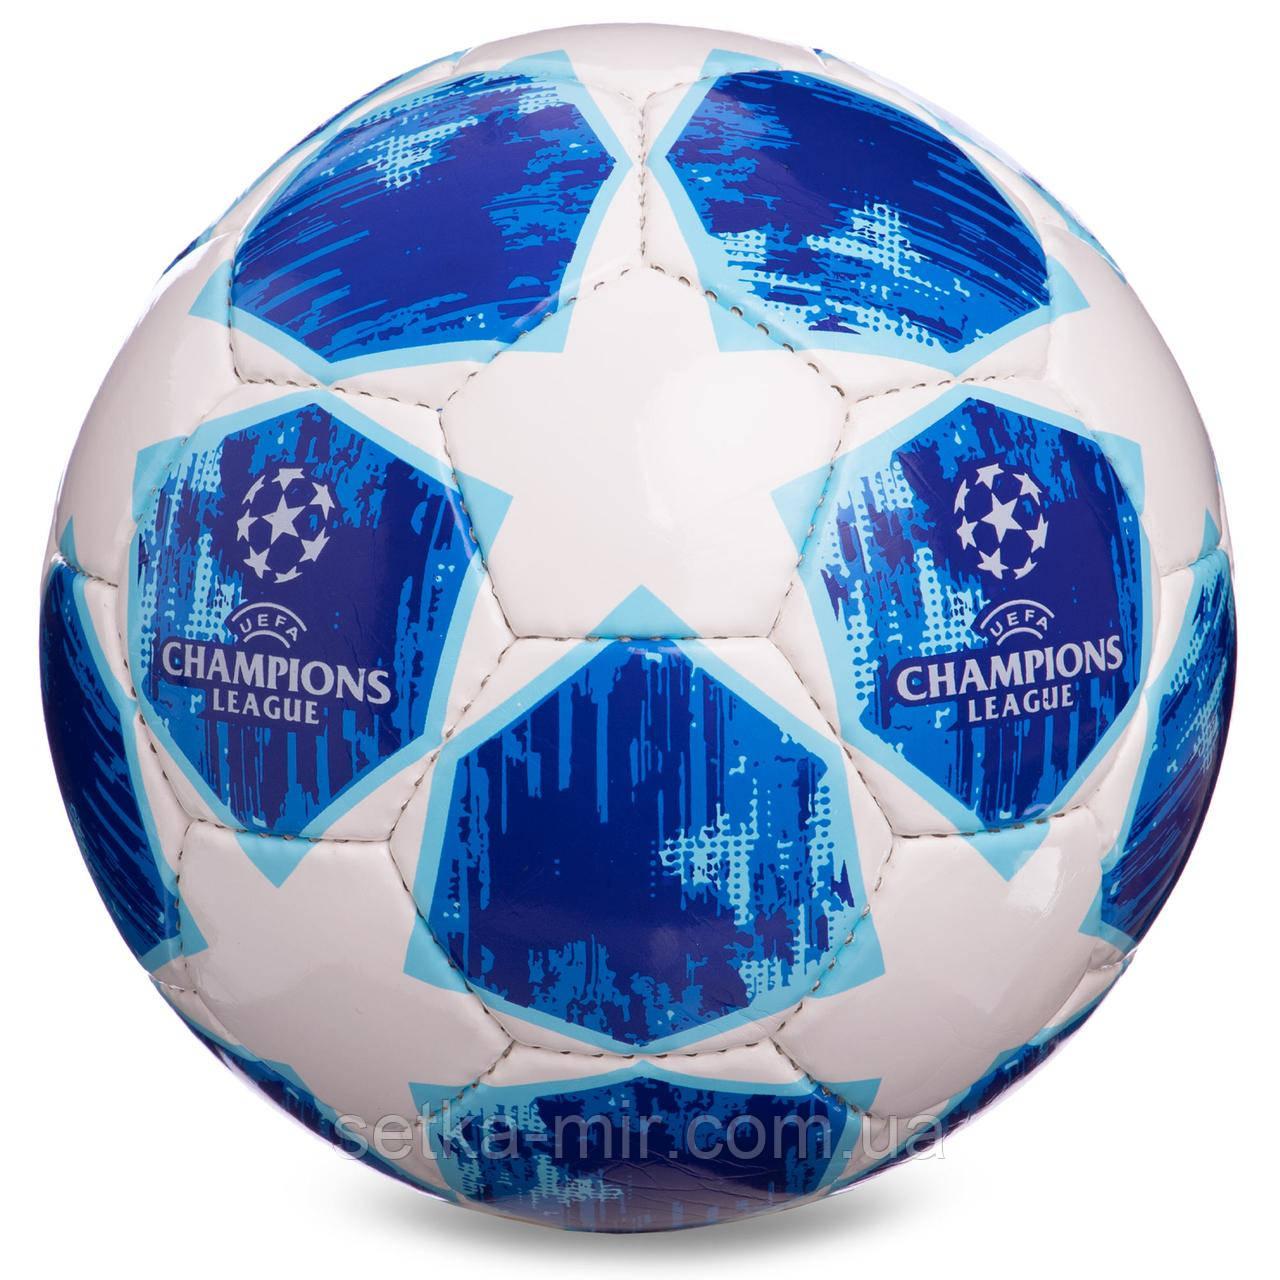 М'яч футбольний №4 PU ламін. CHAMPIONS LEAGUE FB-0152-3 (№4, 5 сл., Зшитий вручну, білий-синій)